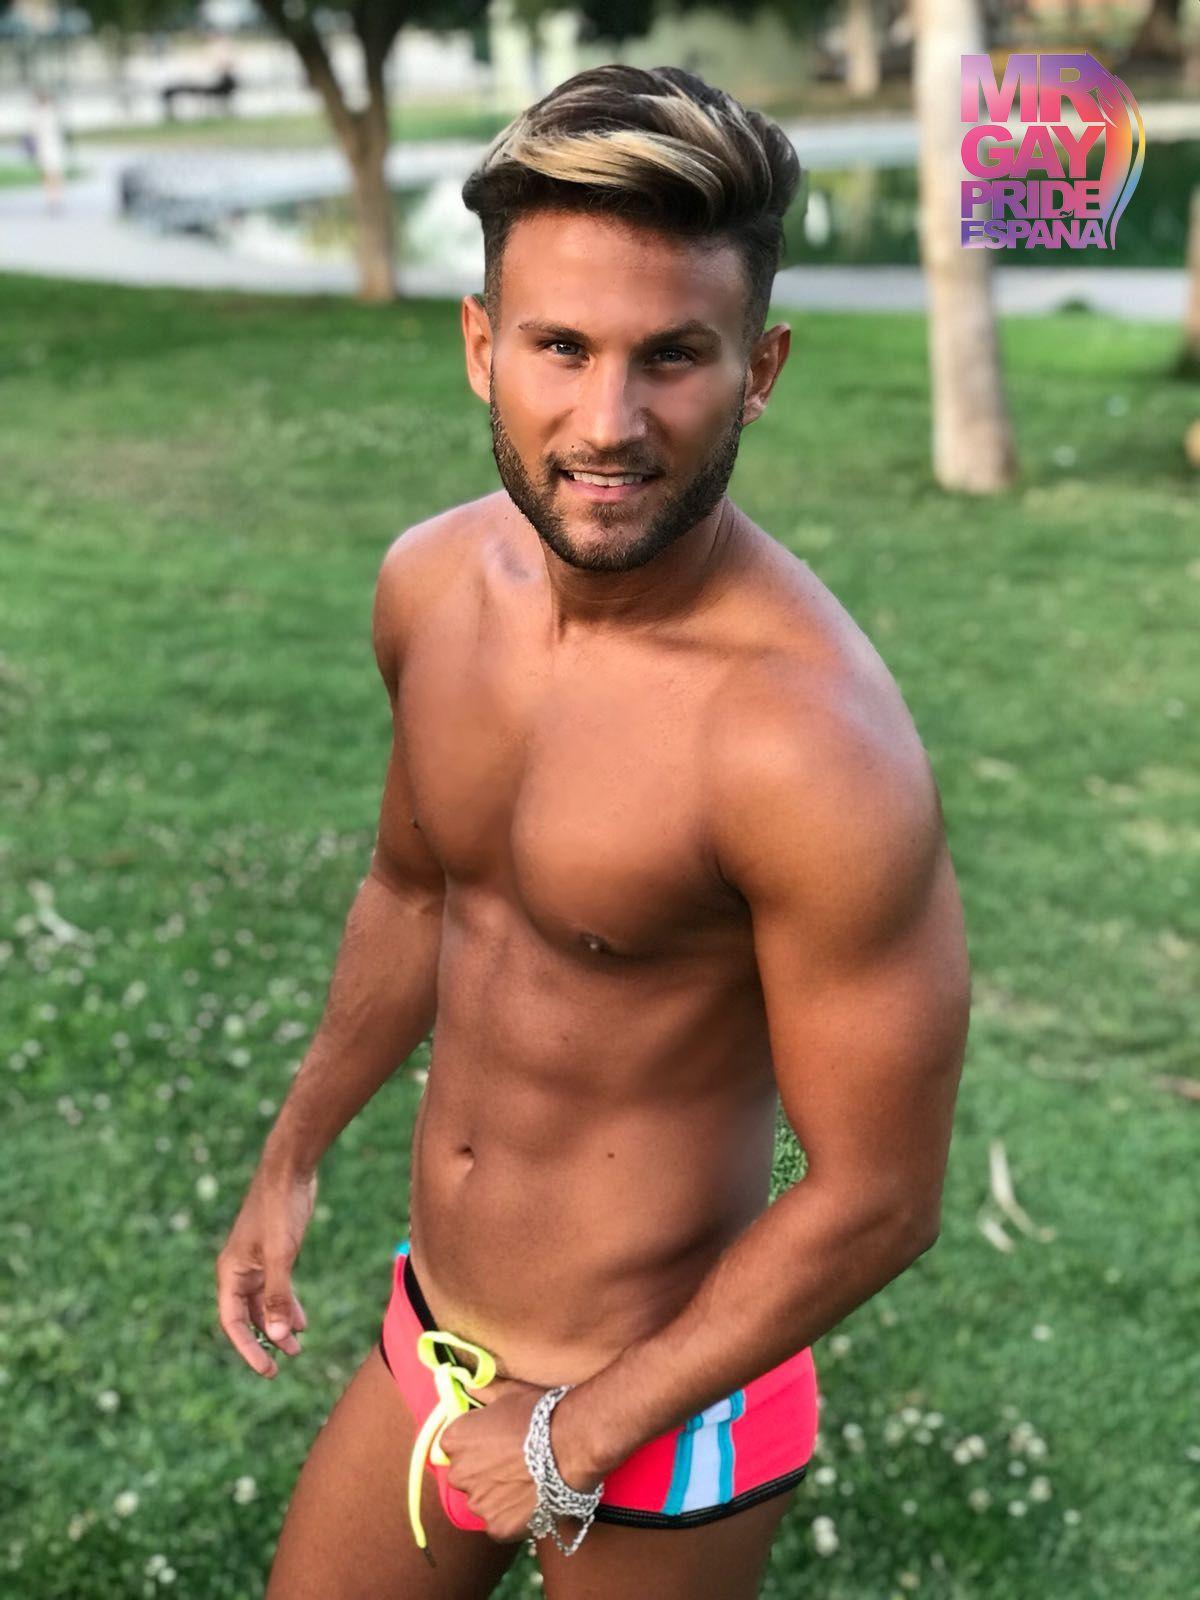 Mr Gay Pride España